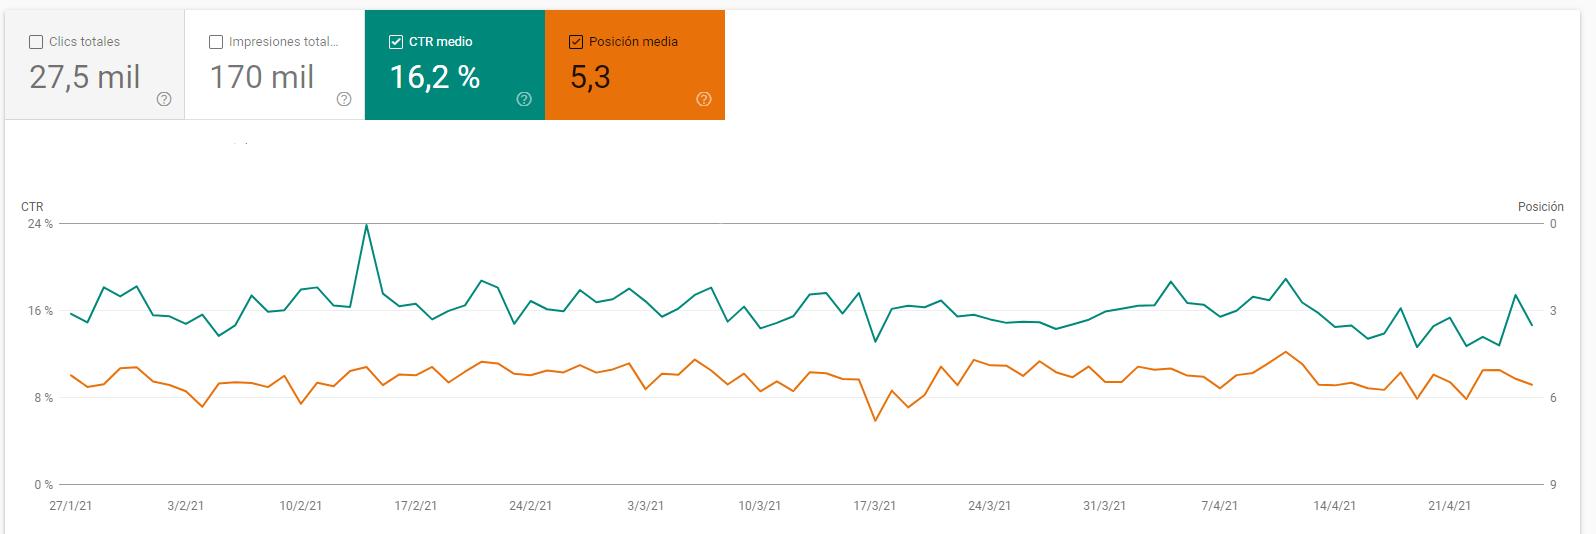 Posicionamiento SEO y visibilidad de las URLs en google